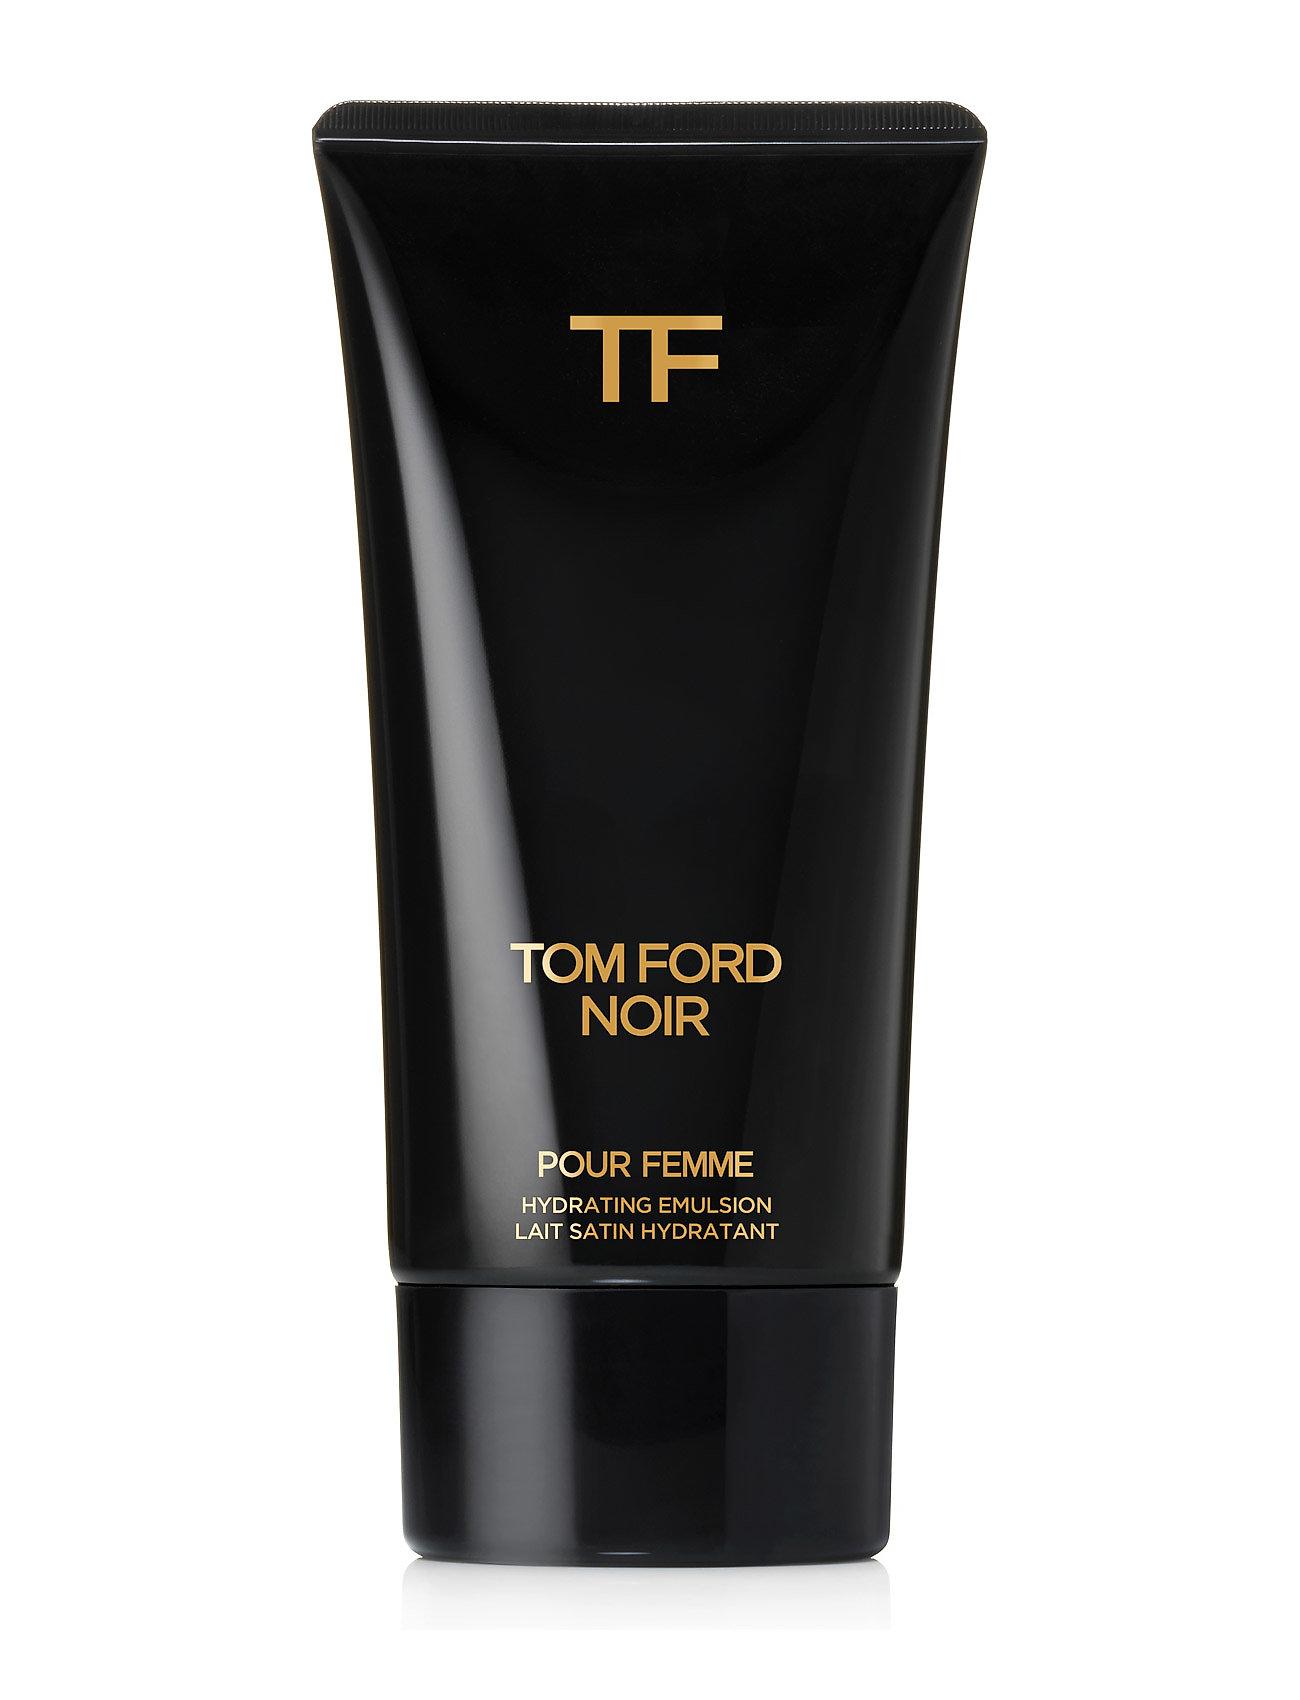 Tom ford noir pour femme hydrating emulsion fra tom ford fra boozt.com dk